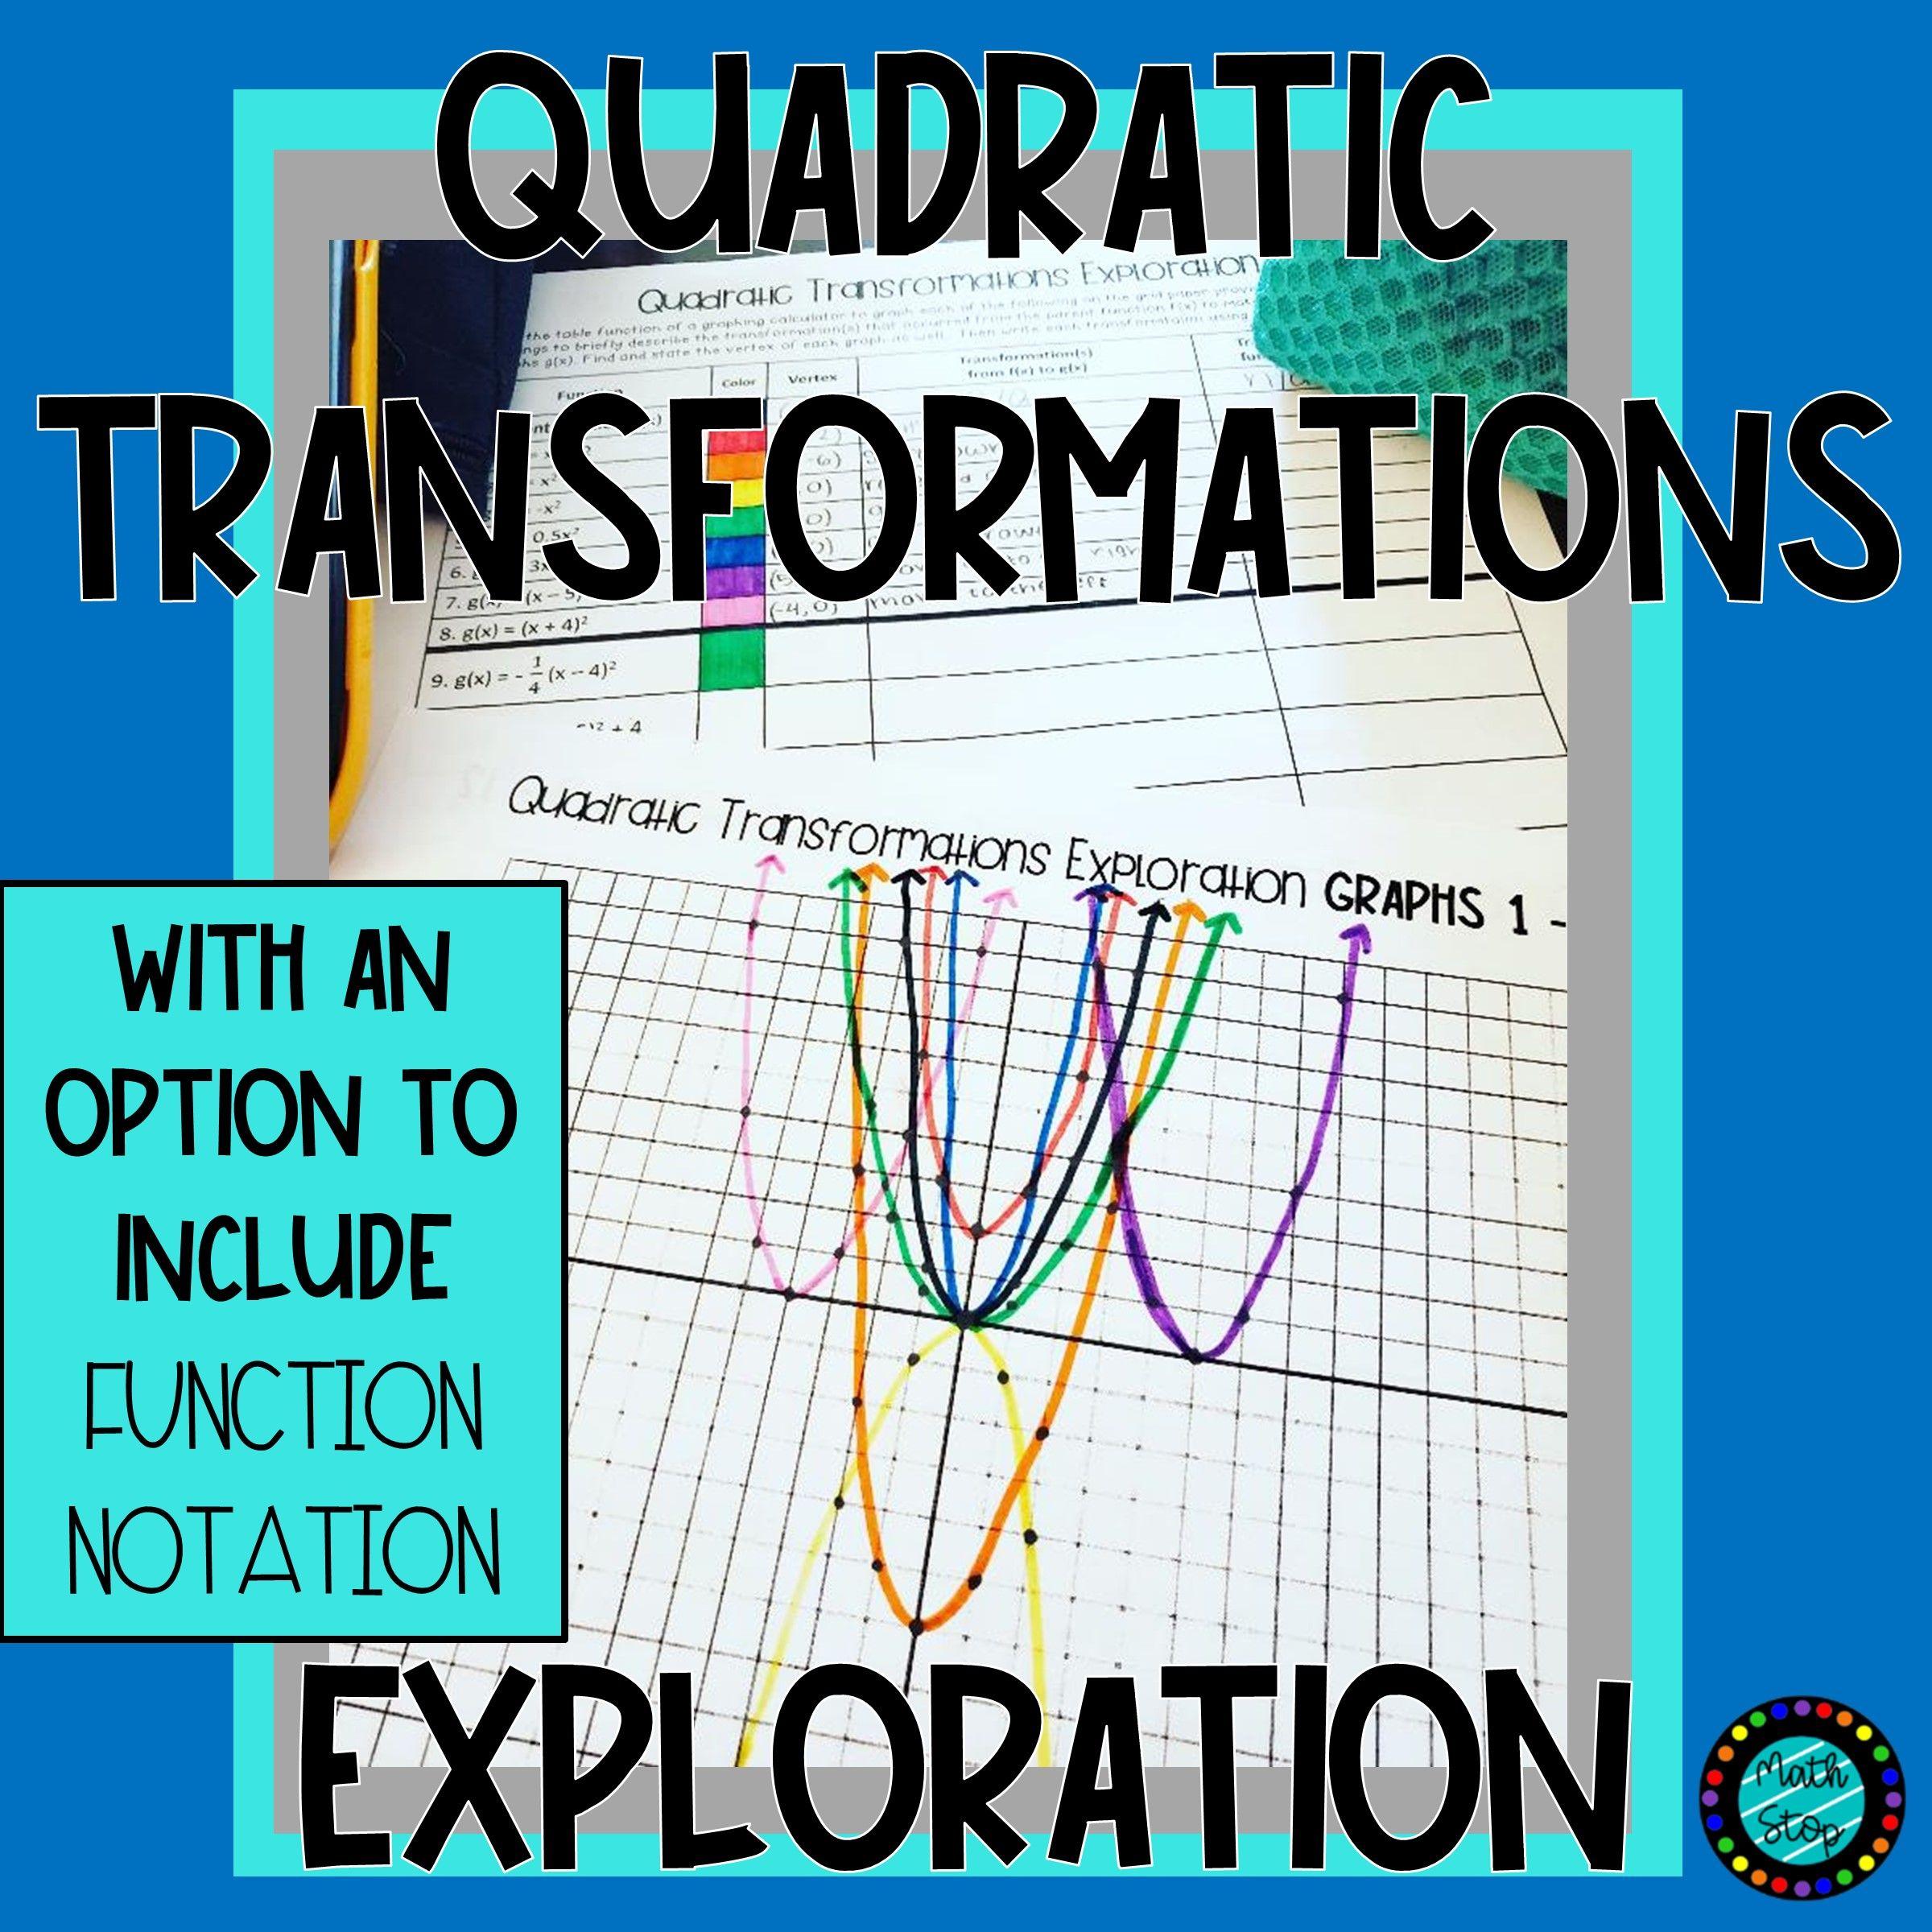 Quadratic Transformations Exploration Quadratics Solving Multi Step Equations Notations